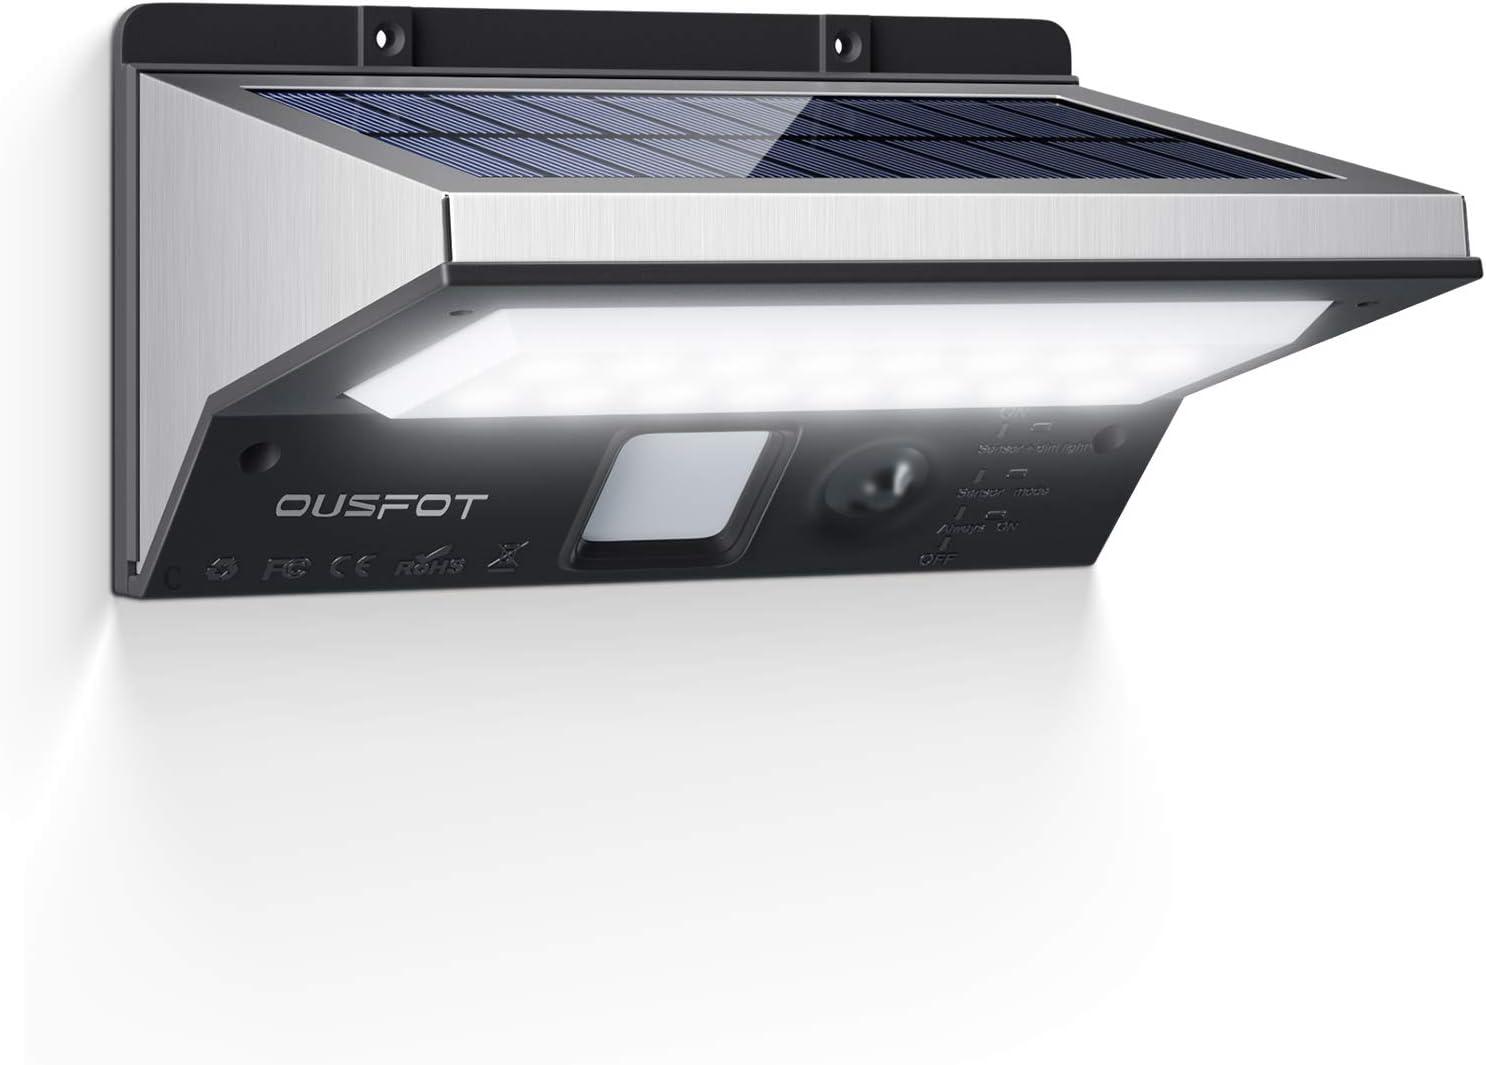 OUSFOT Luz Solar Exterior LED Foco Solar Exterior con Sensor de Movimiento Lámpara Solar Impermeable 3 Modos Gran Ángulo 120º de Iluminación 2200mAh para Jardín Muros Exteriores.